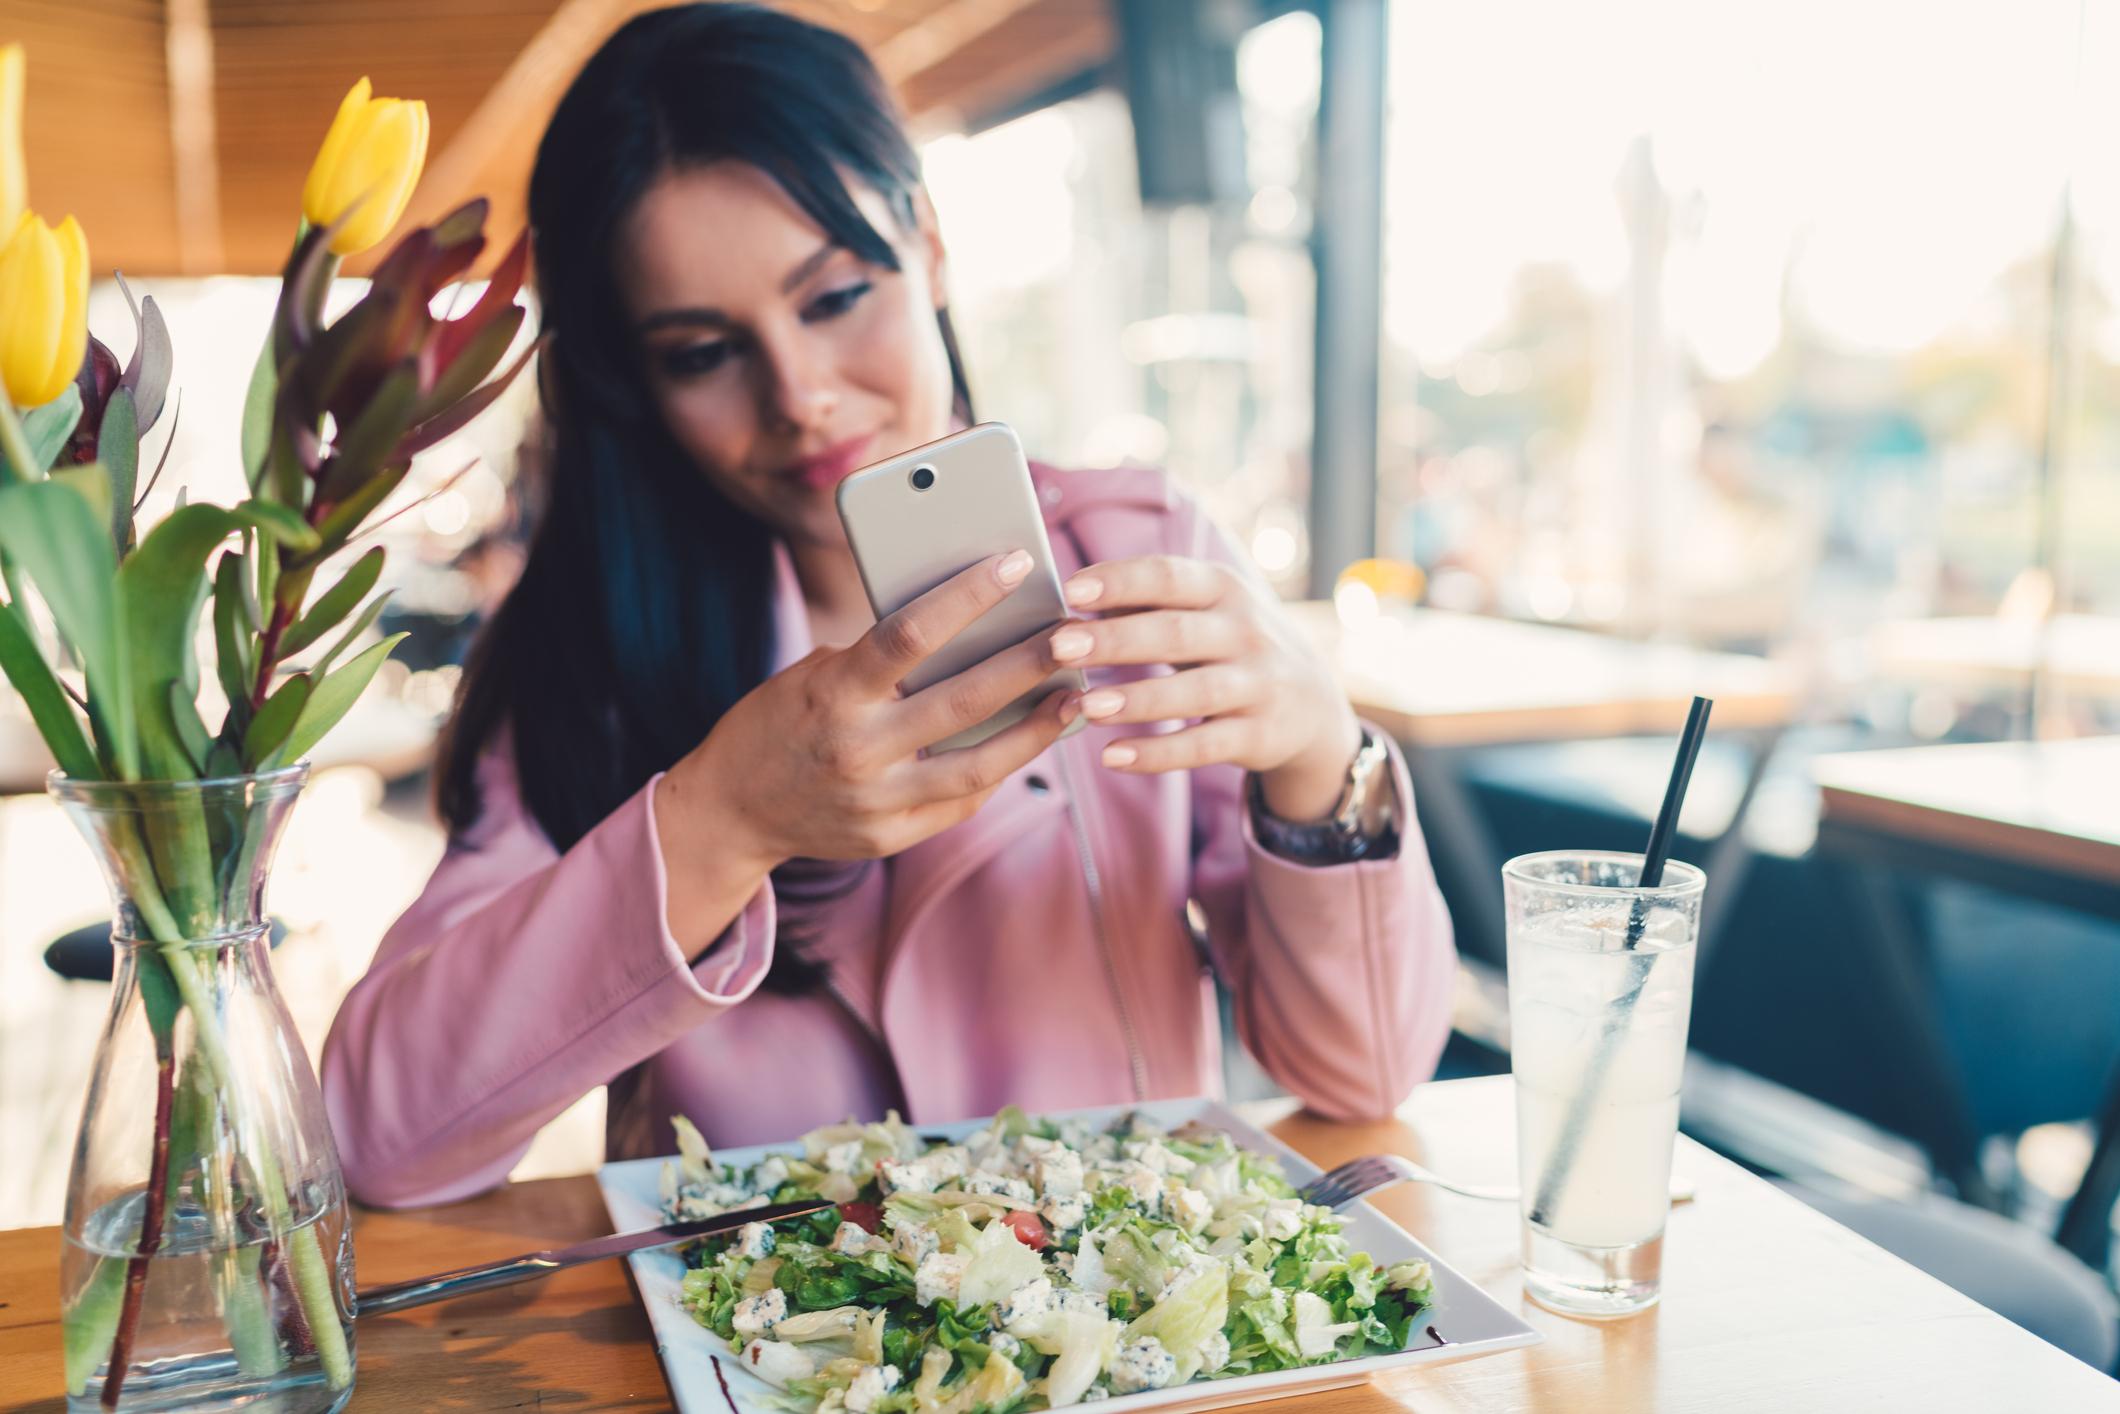 Best Restaurants for Keto Diet